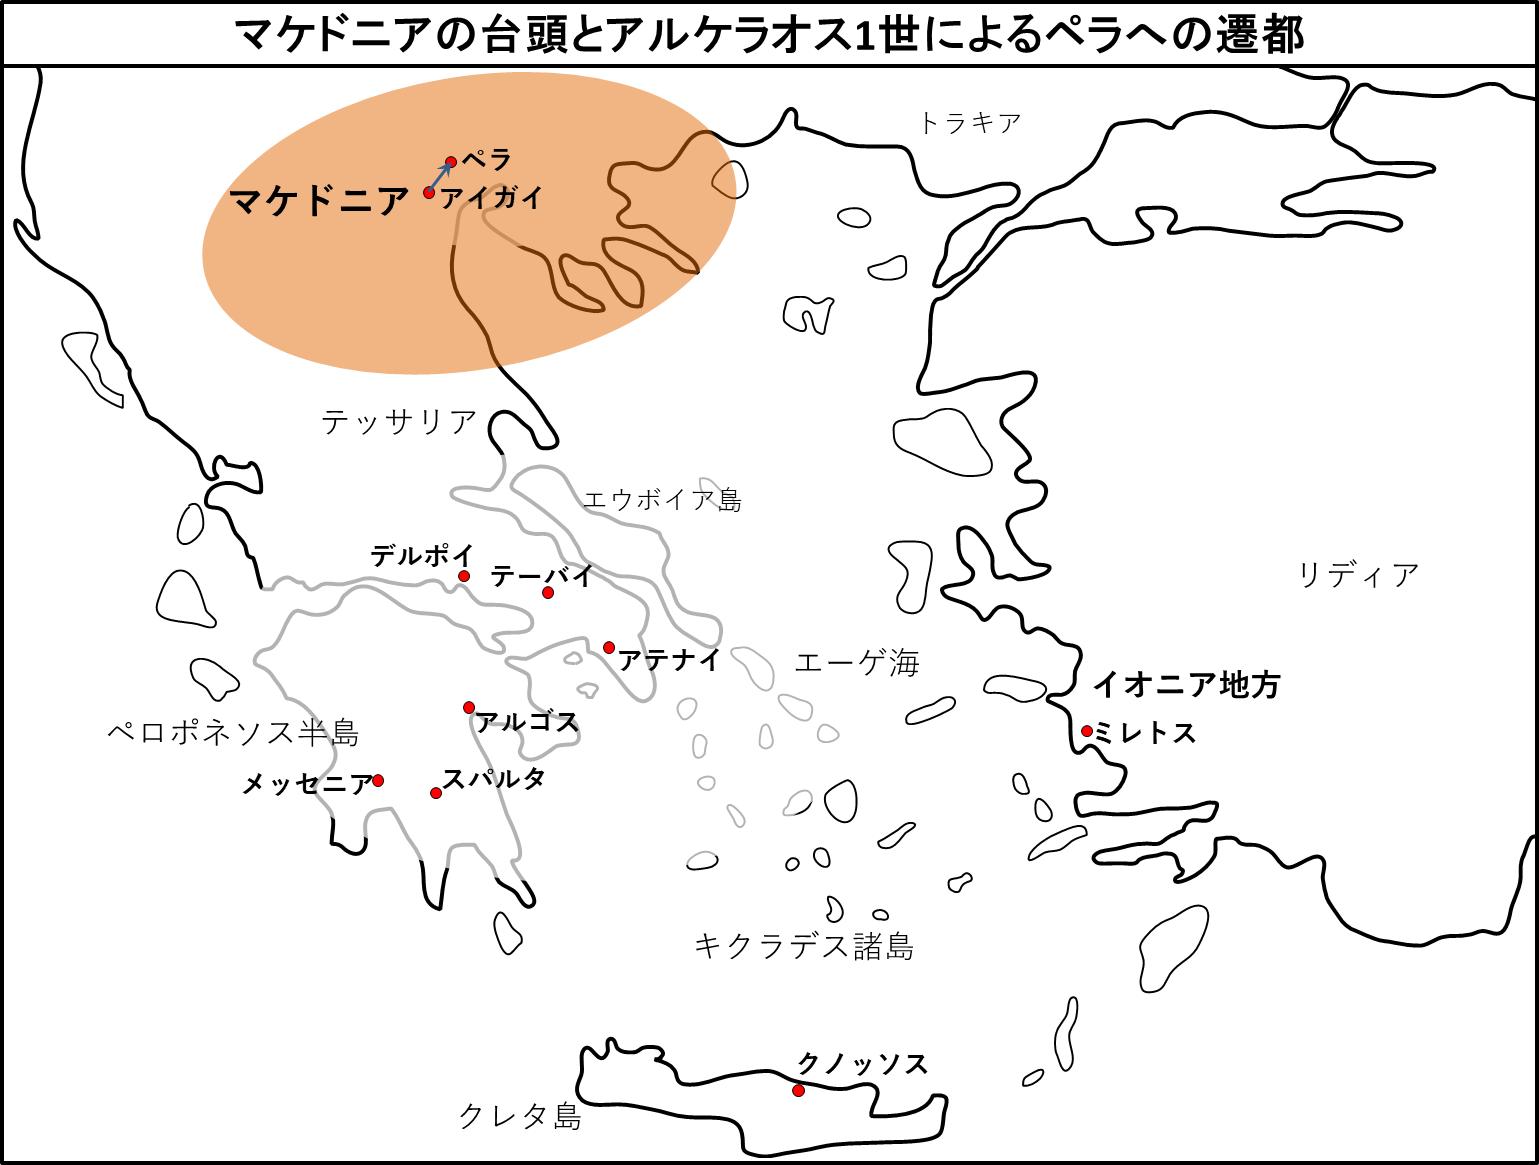 マケドニアの台頭とアルケラオス1世によるペラへの遷都